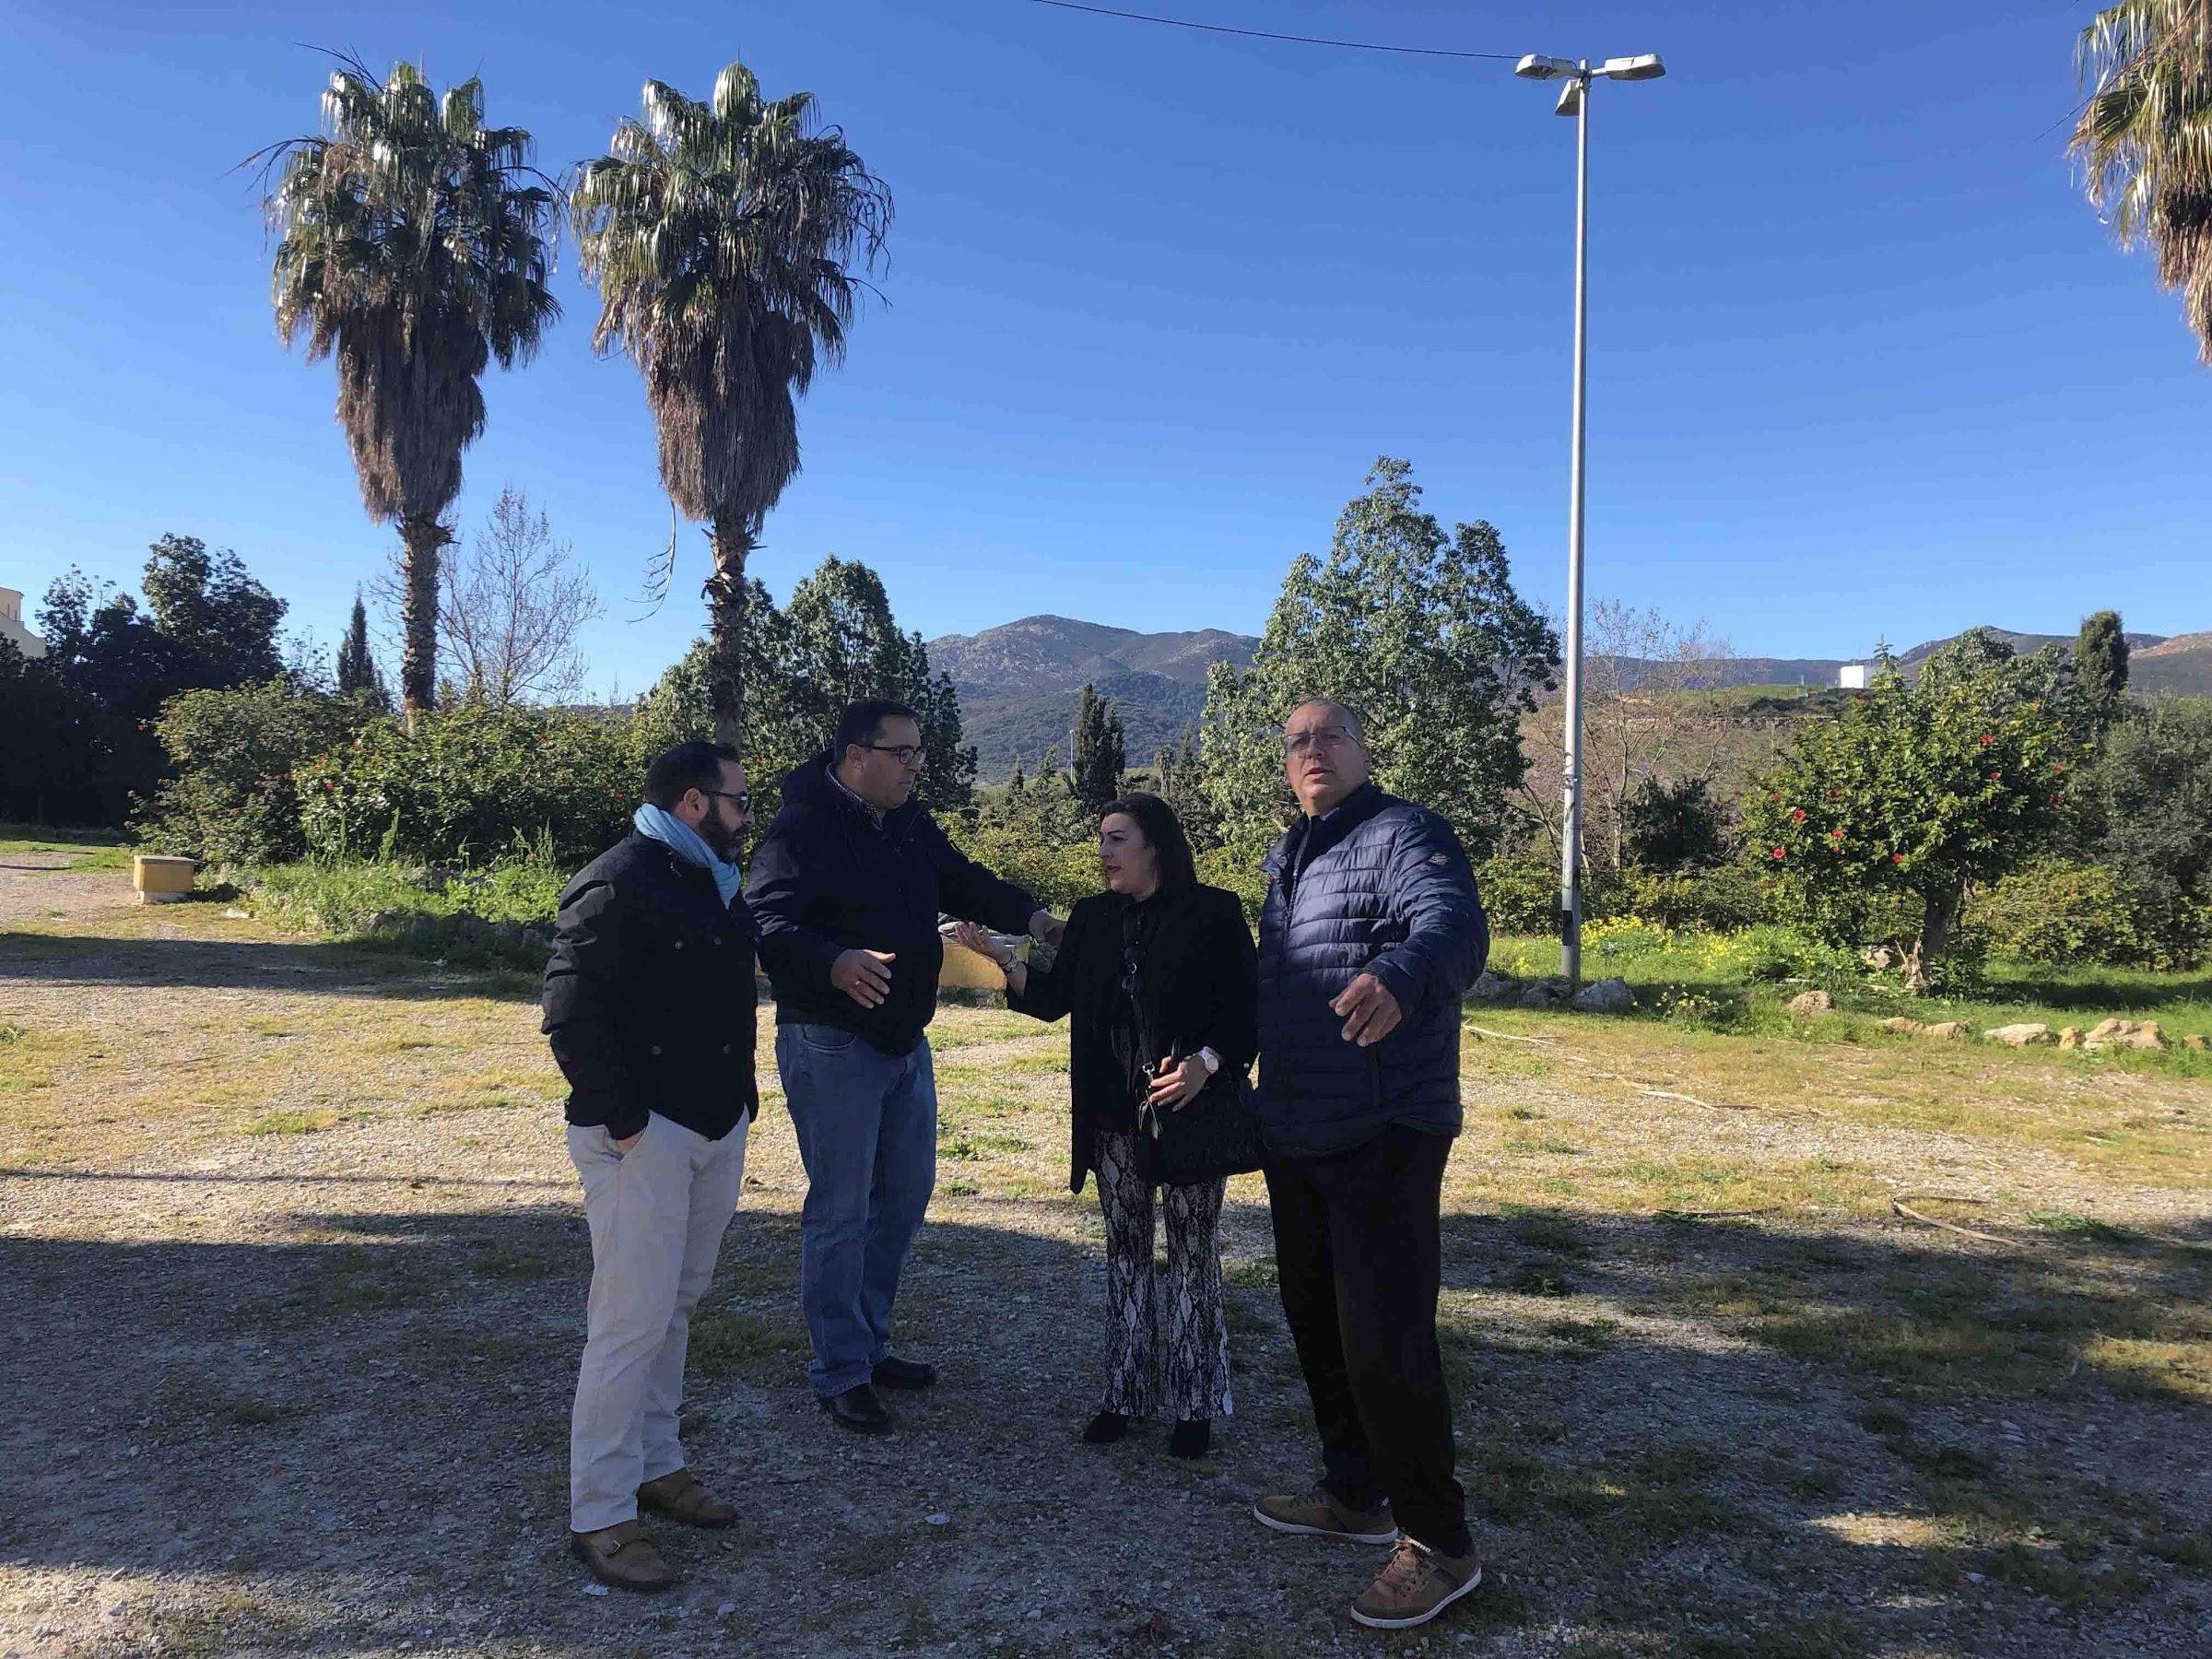 Los vecinos de Cortijo Vides visitan el inicio de las mejoras acordadas en la plaza central del barrio